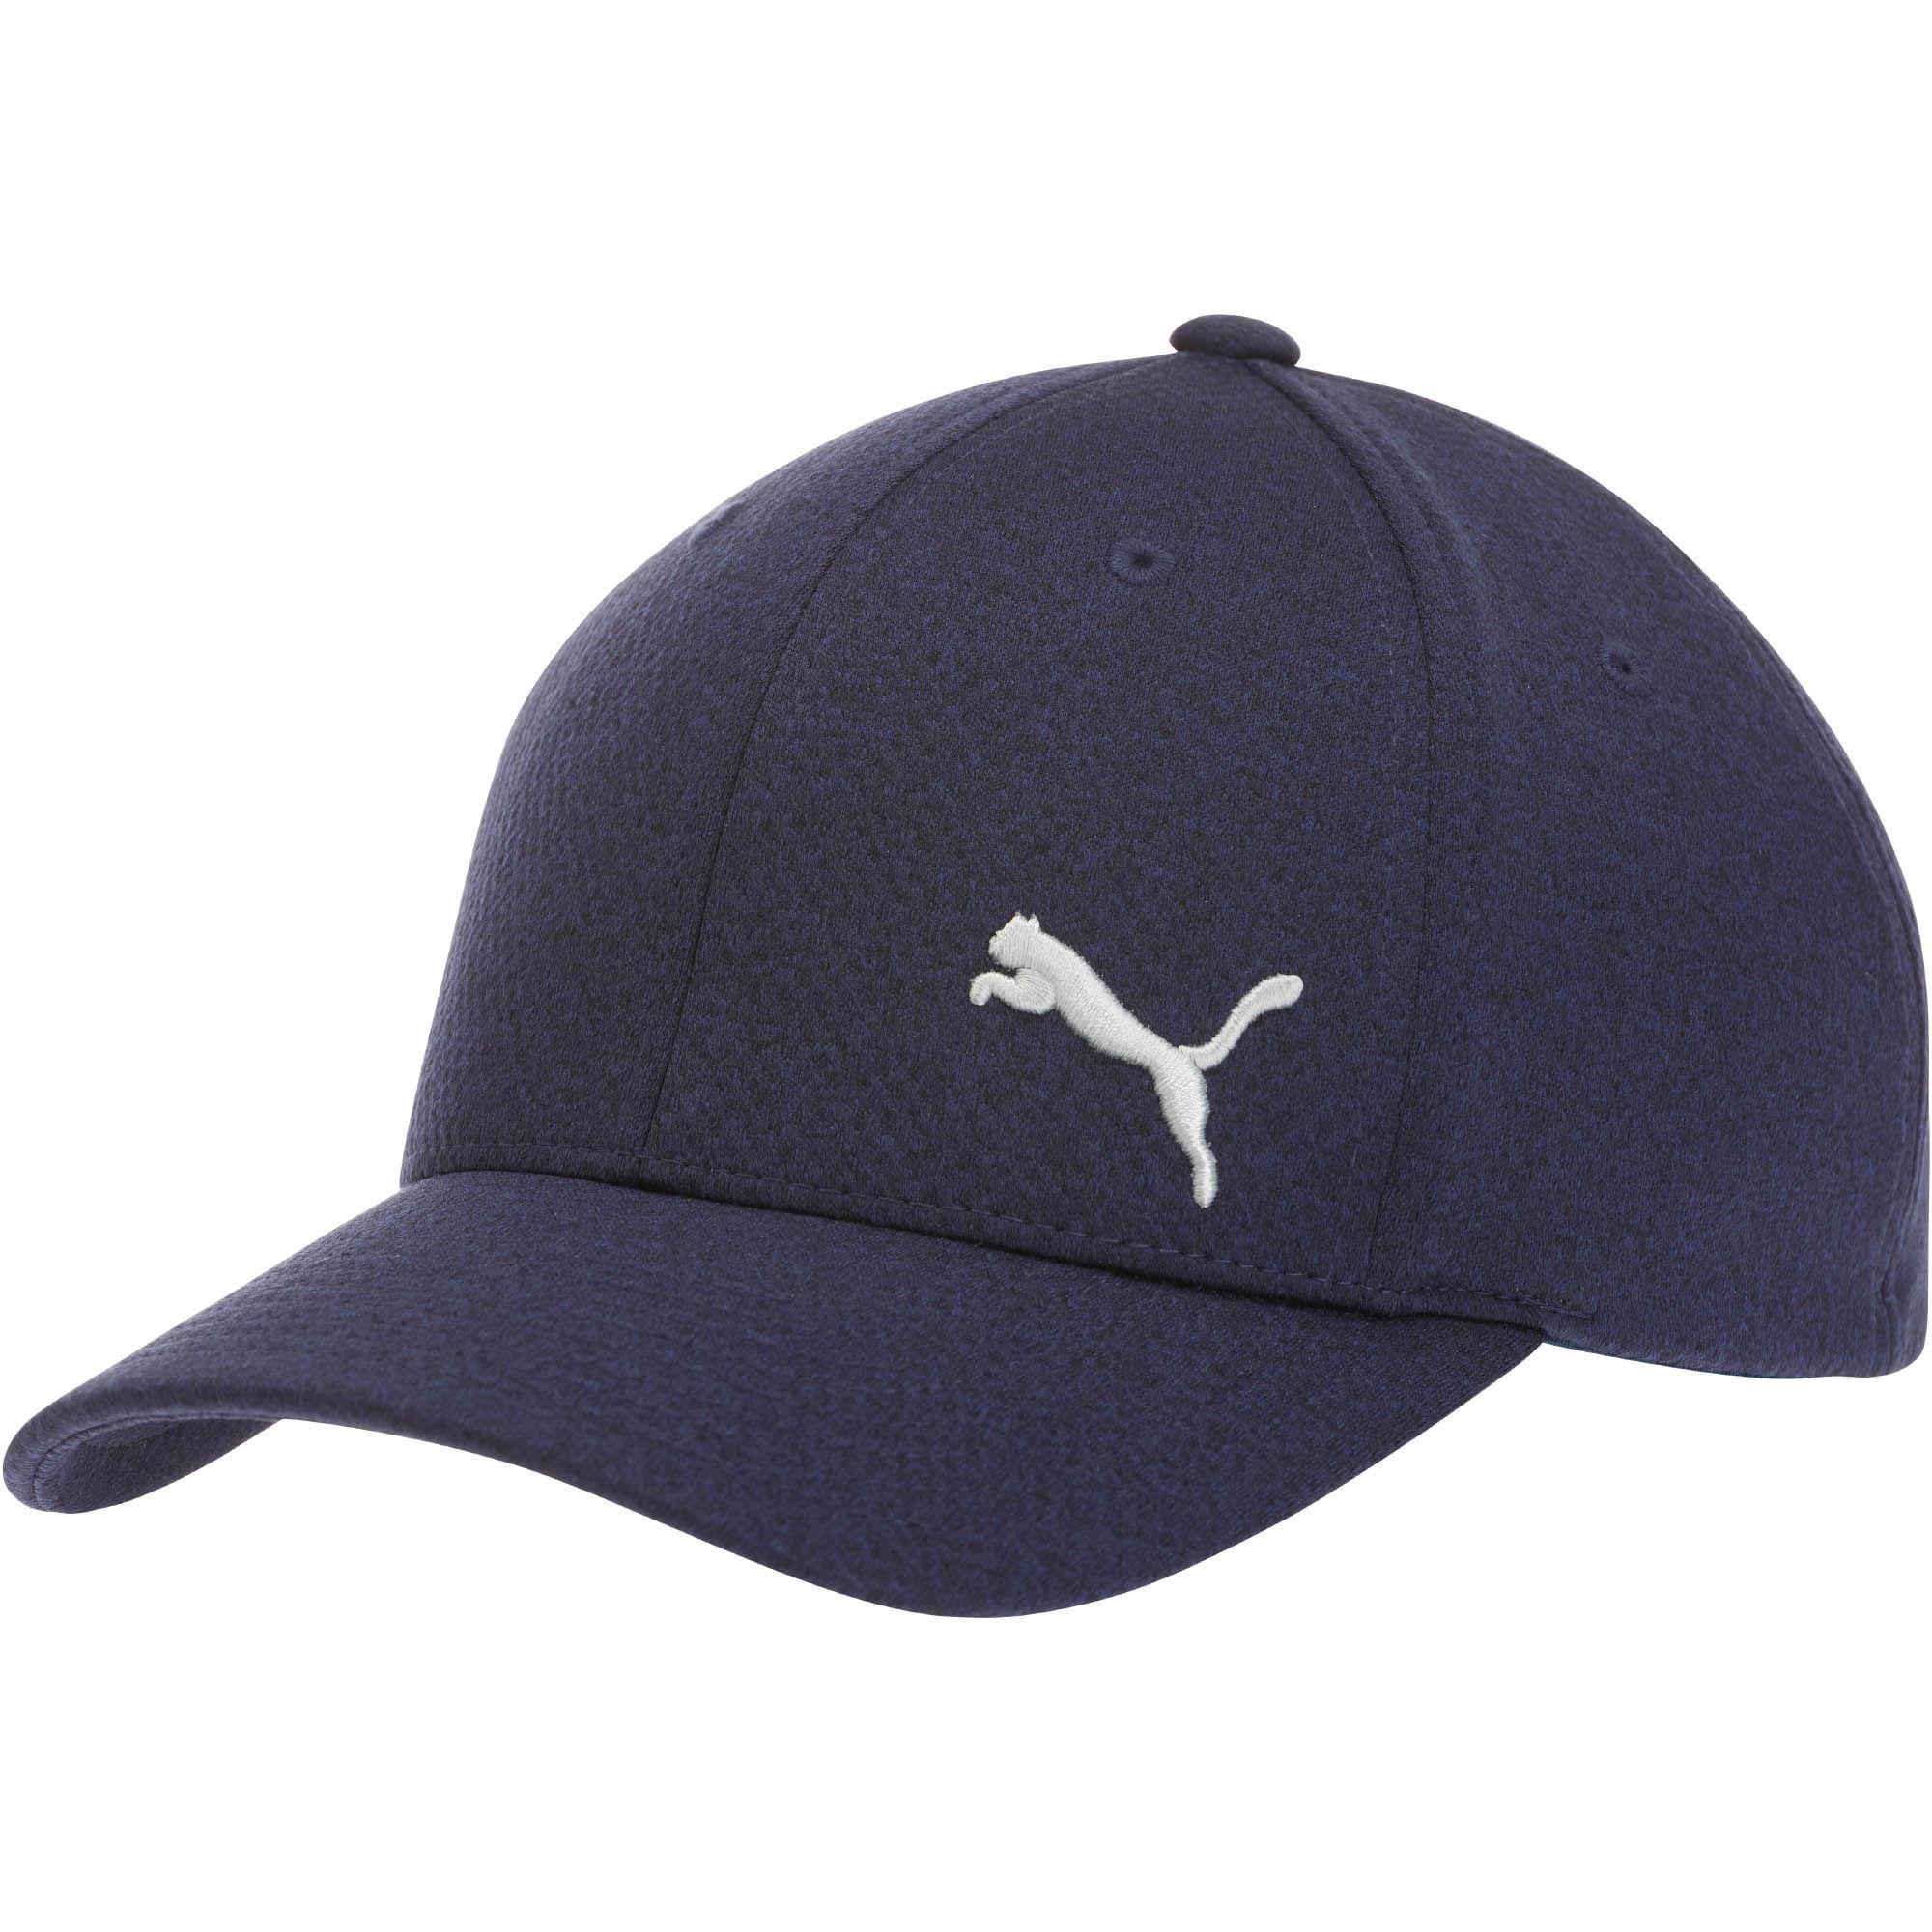 8d17d4969a0 Lyst - PUMA Charlie Flexfit Hat in Blue for Men